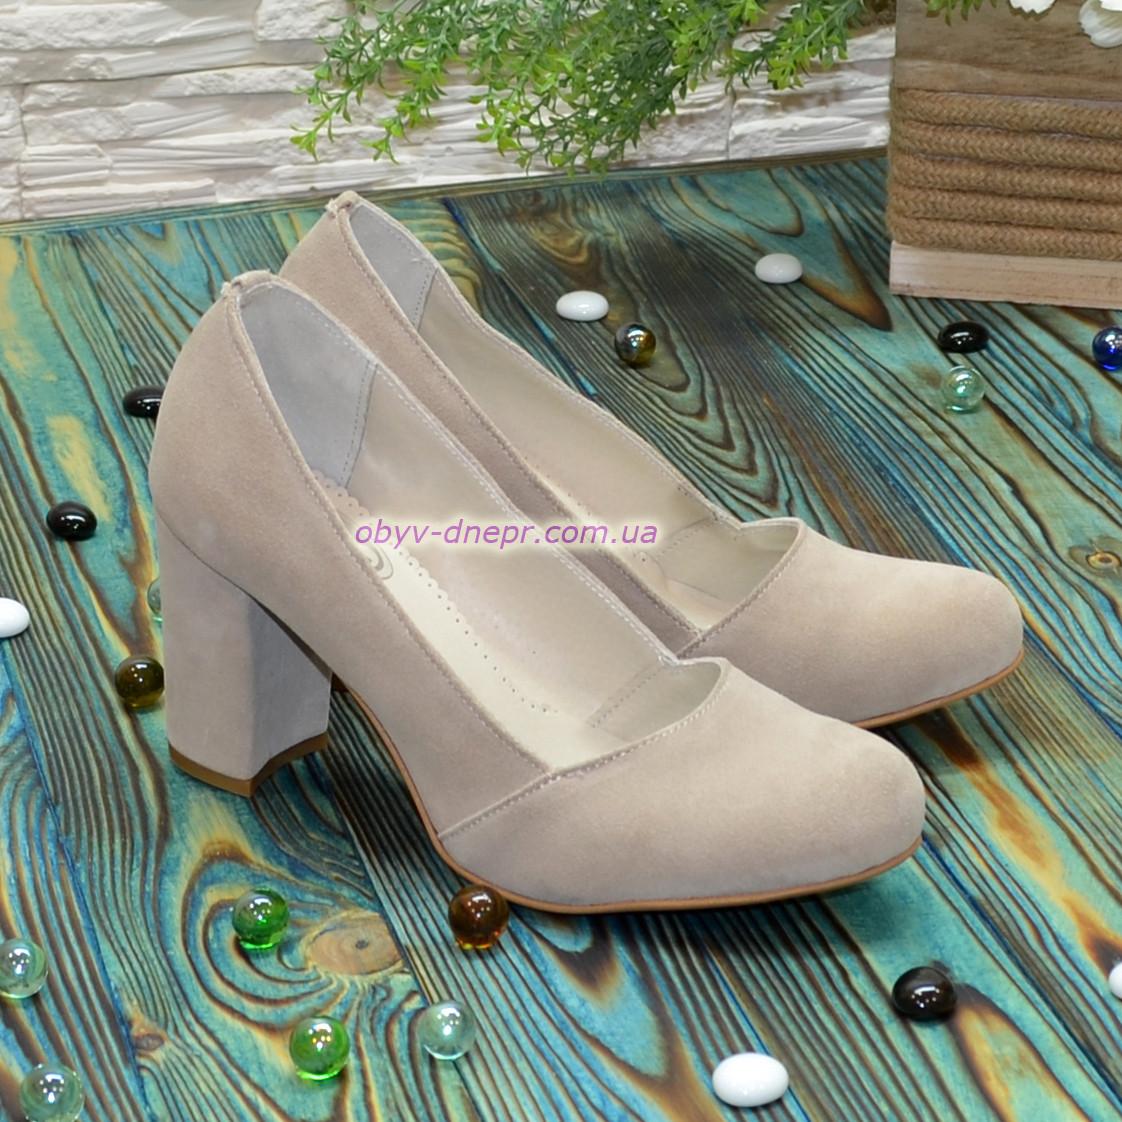 Туфли замшевые на высоком устойчивом каблуке, цвет бежевый